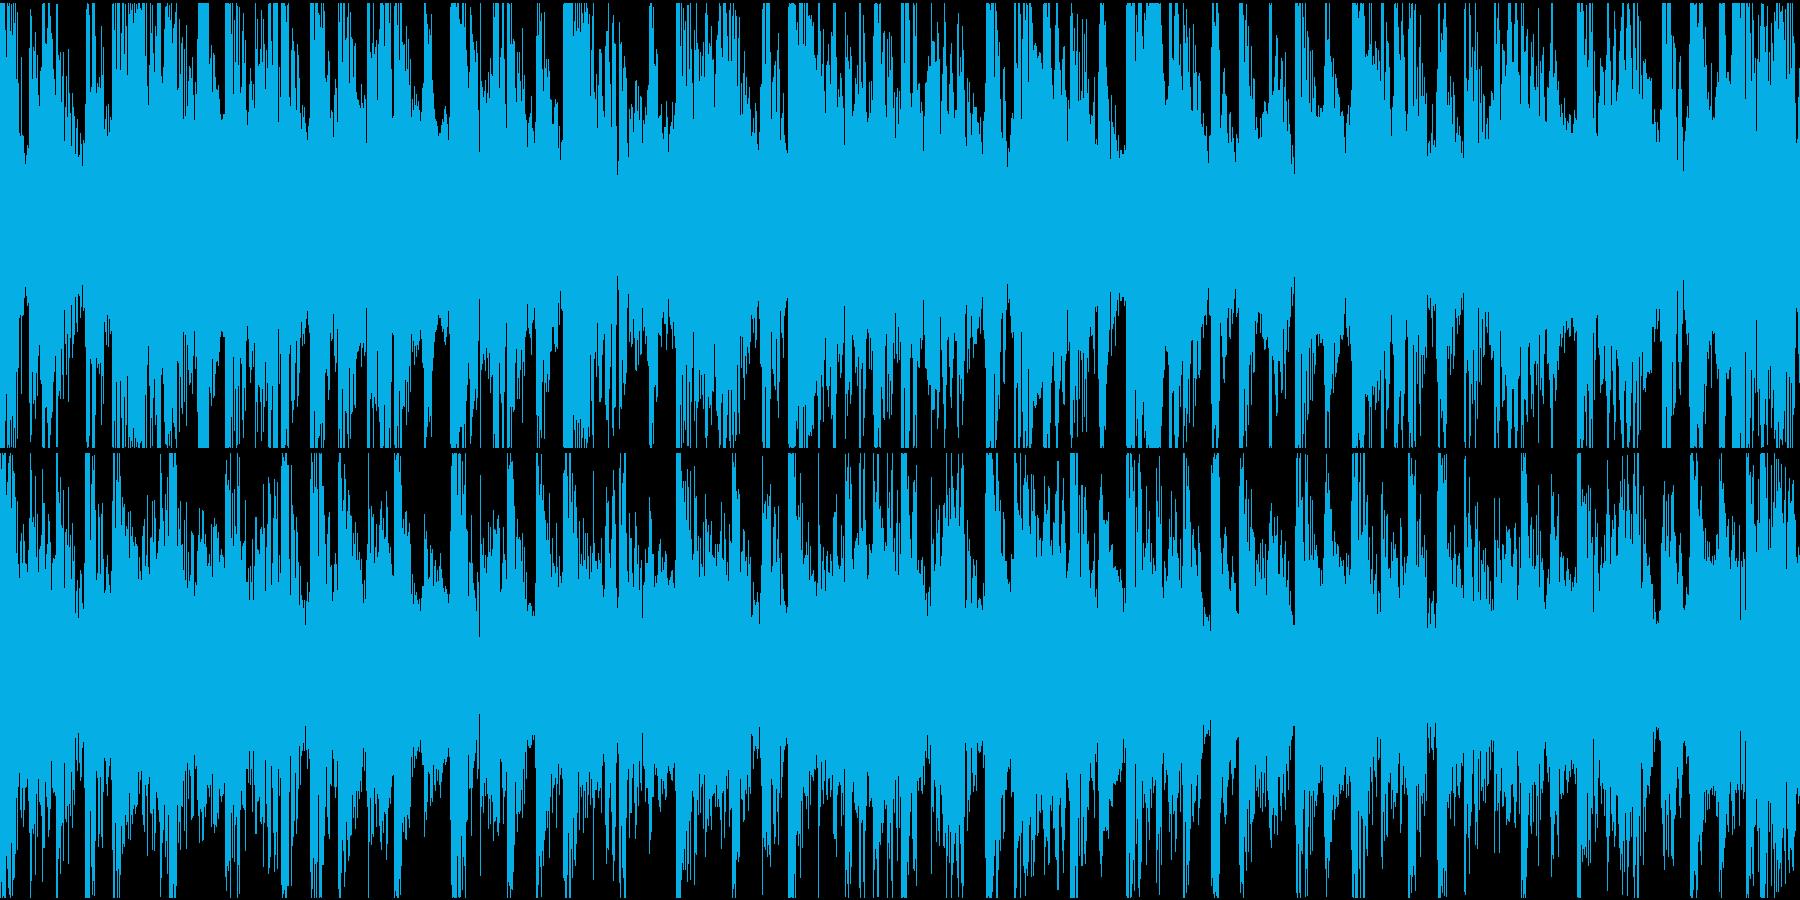 BGM05 ダークの再生済みの波形